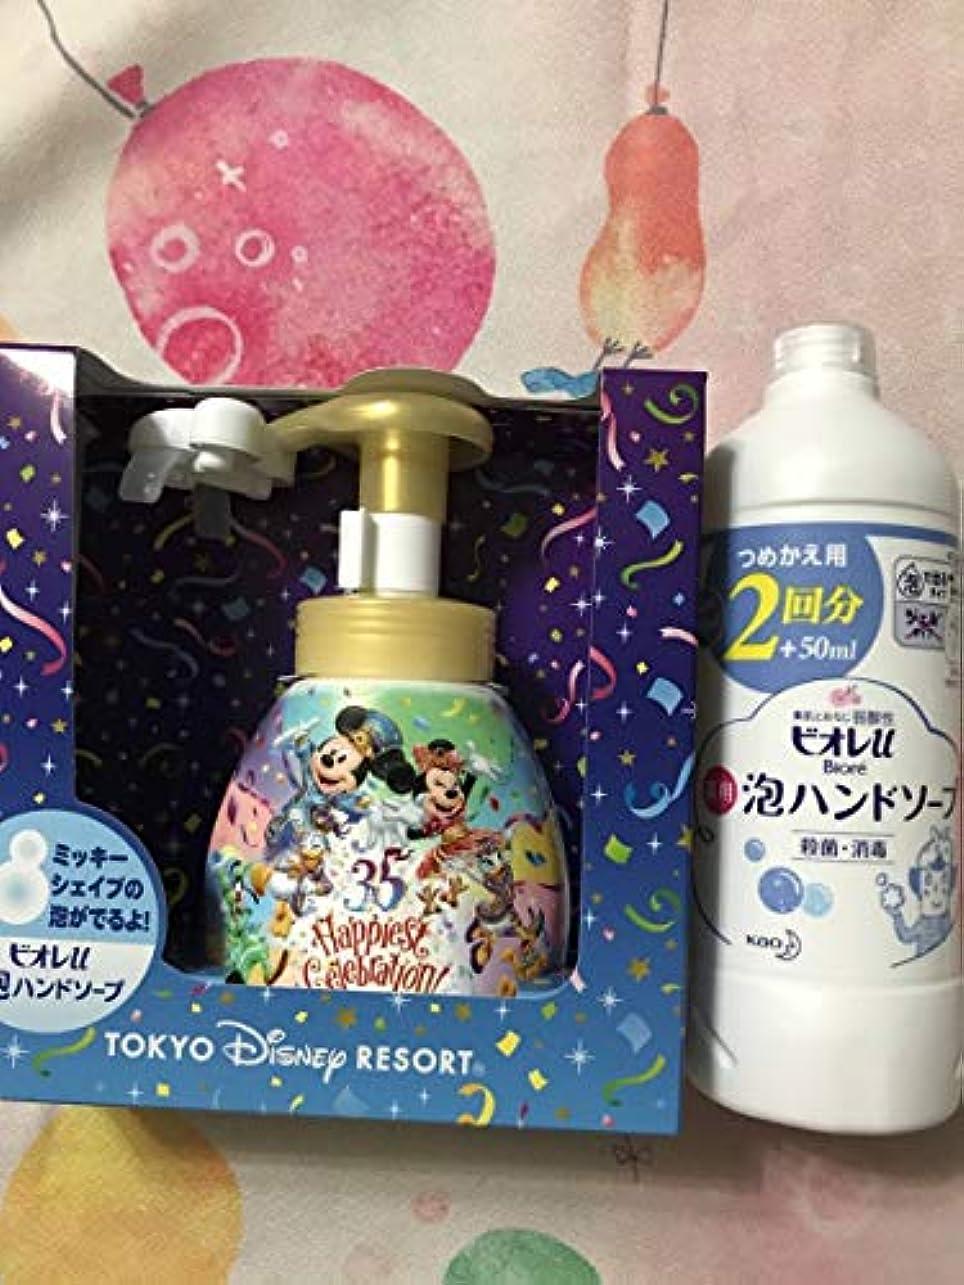 ミッキー シェイプ ハンドソープ 東京 ディズニー リゾート 35周年 記念 石鹸 ビオレU 詰め替え 付き